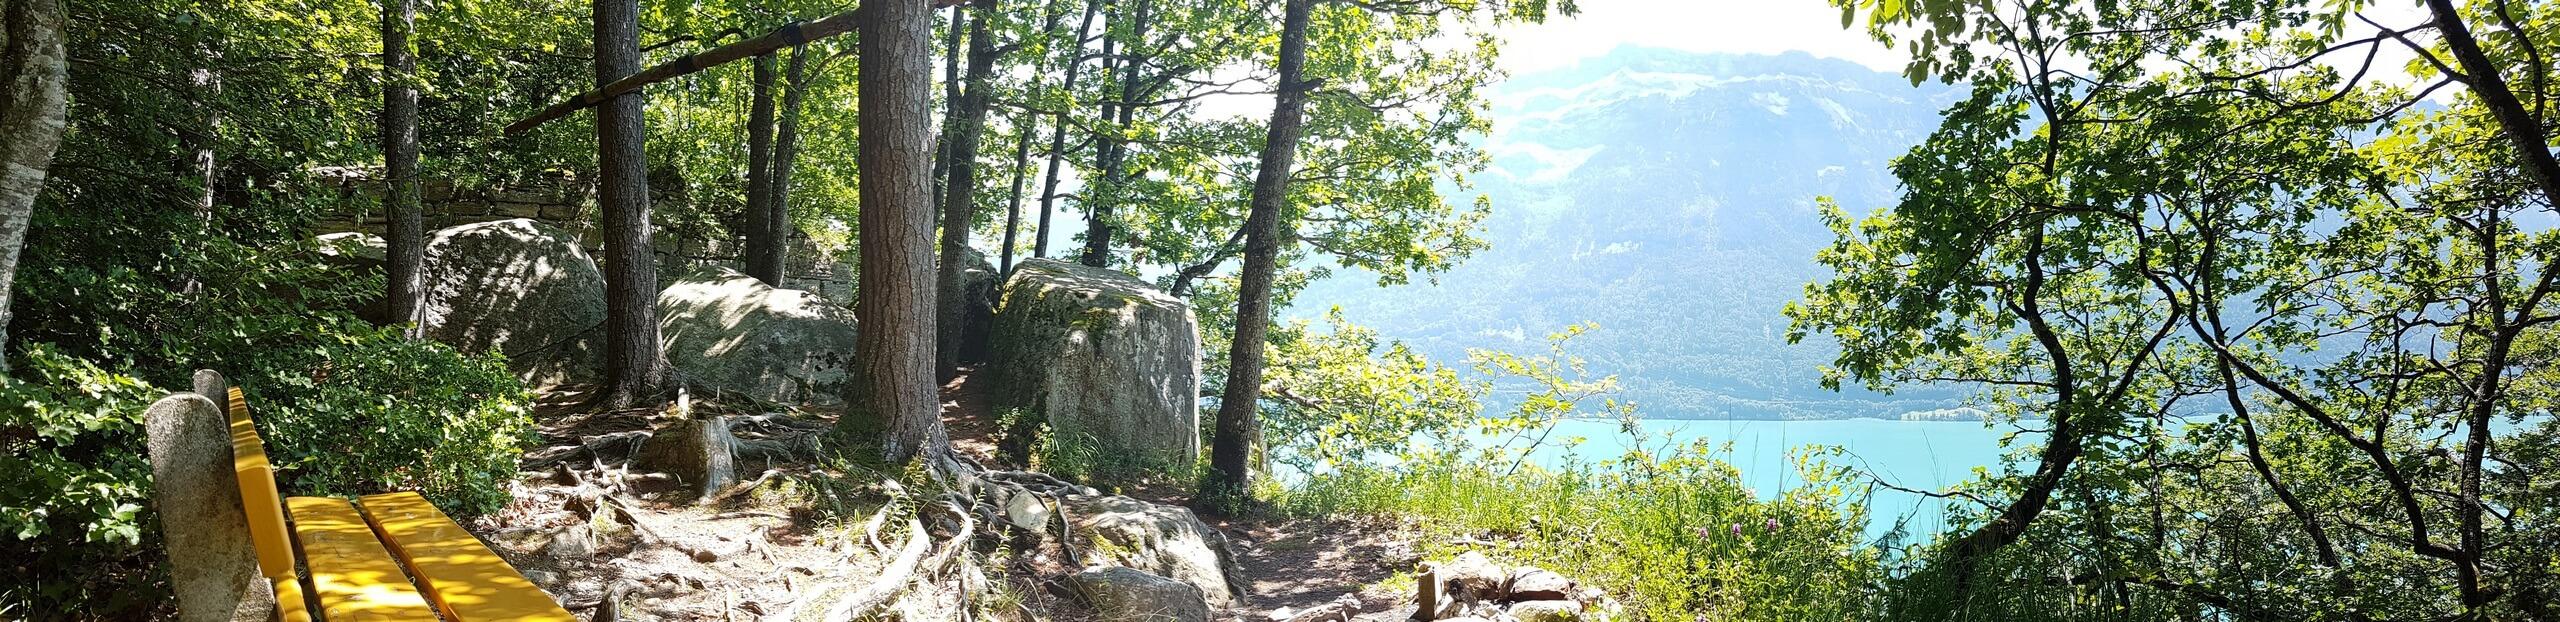 ringgenberg-ruine-schadburg-brienzersee-aussicht-sommer